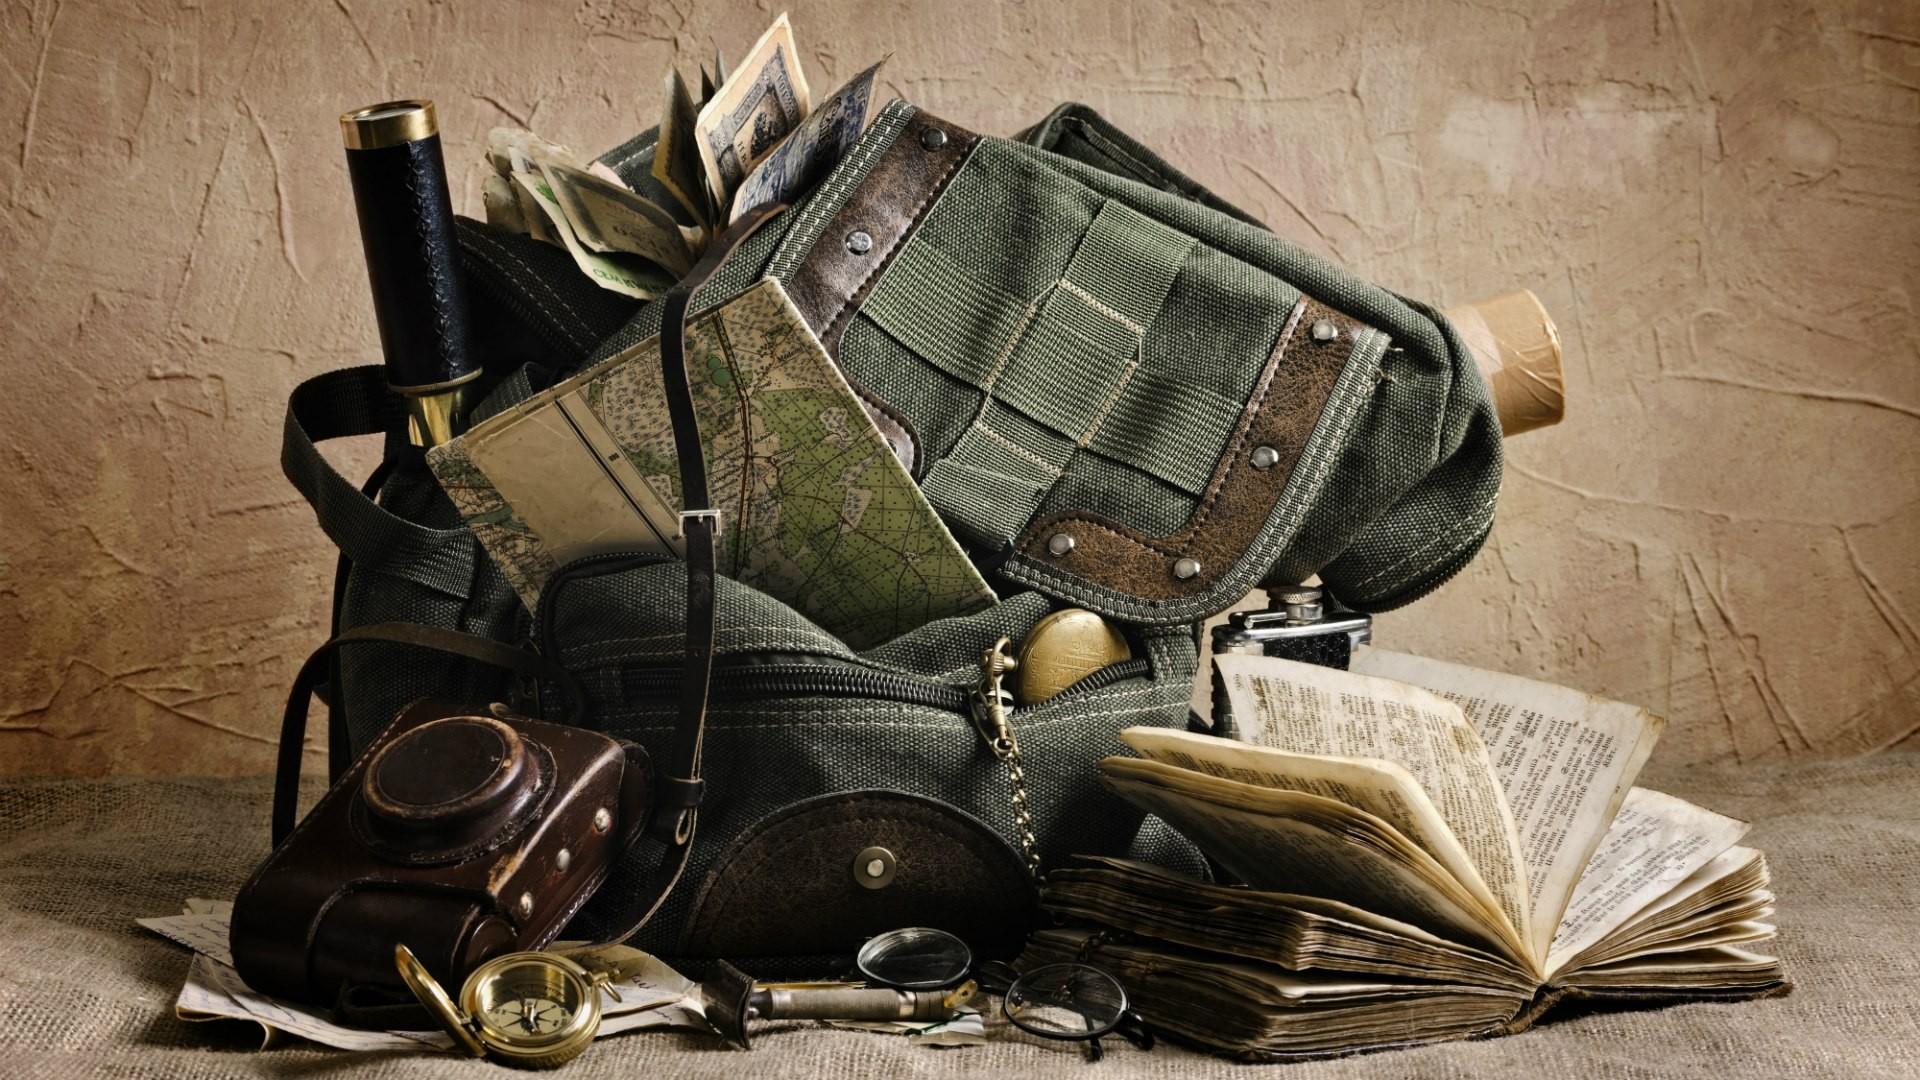 Masaüstü Boyama Kitaplar Sırt çantaları Heykel Harita Askeri